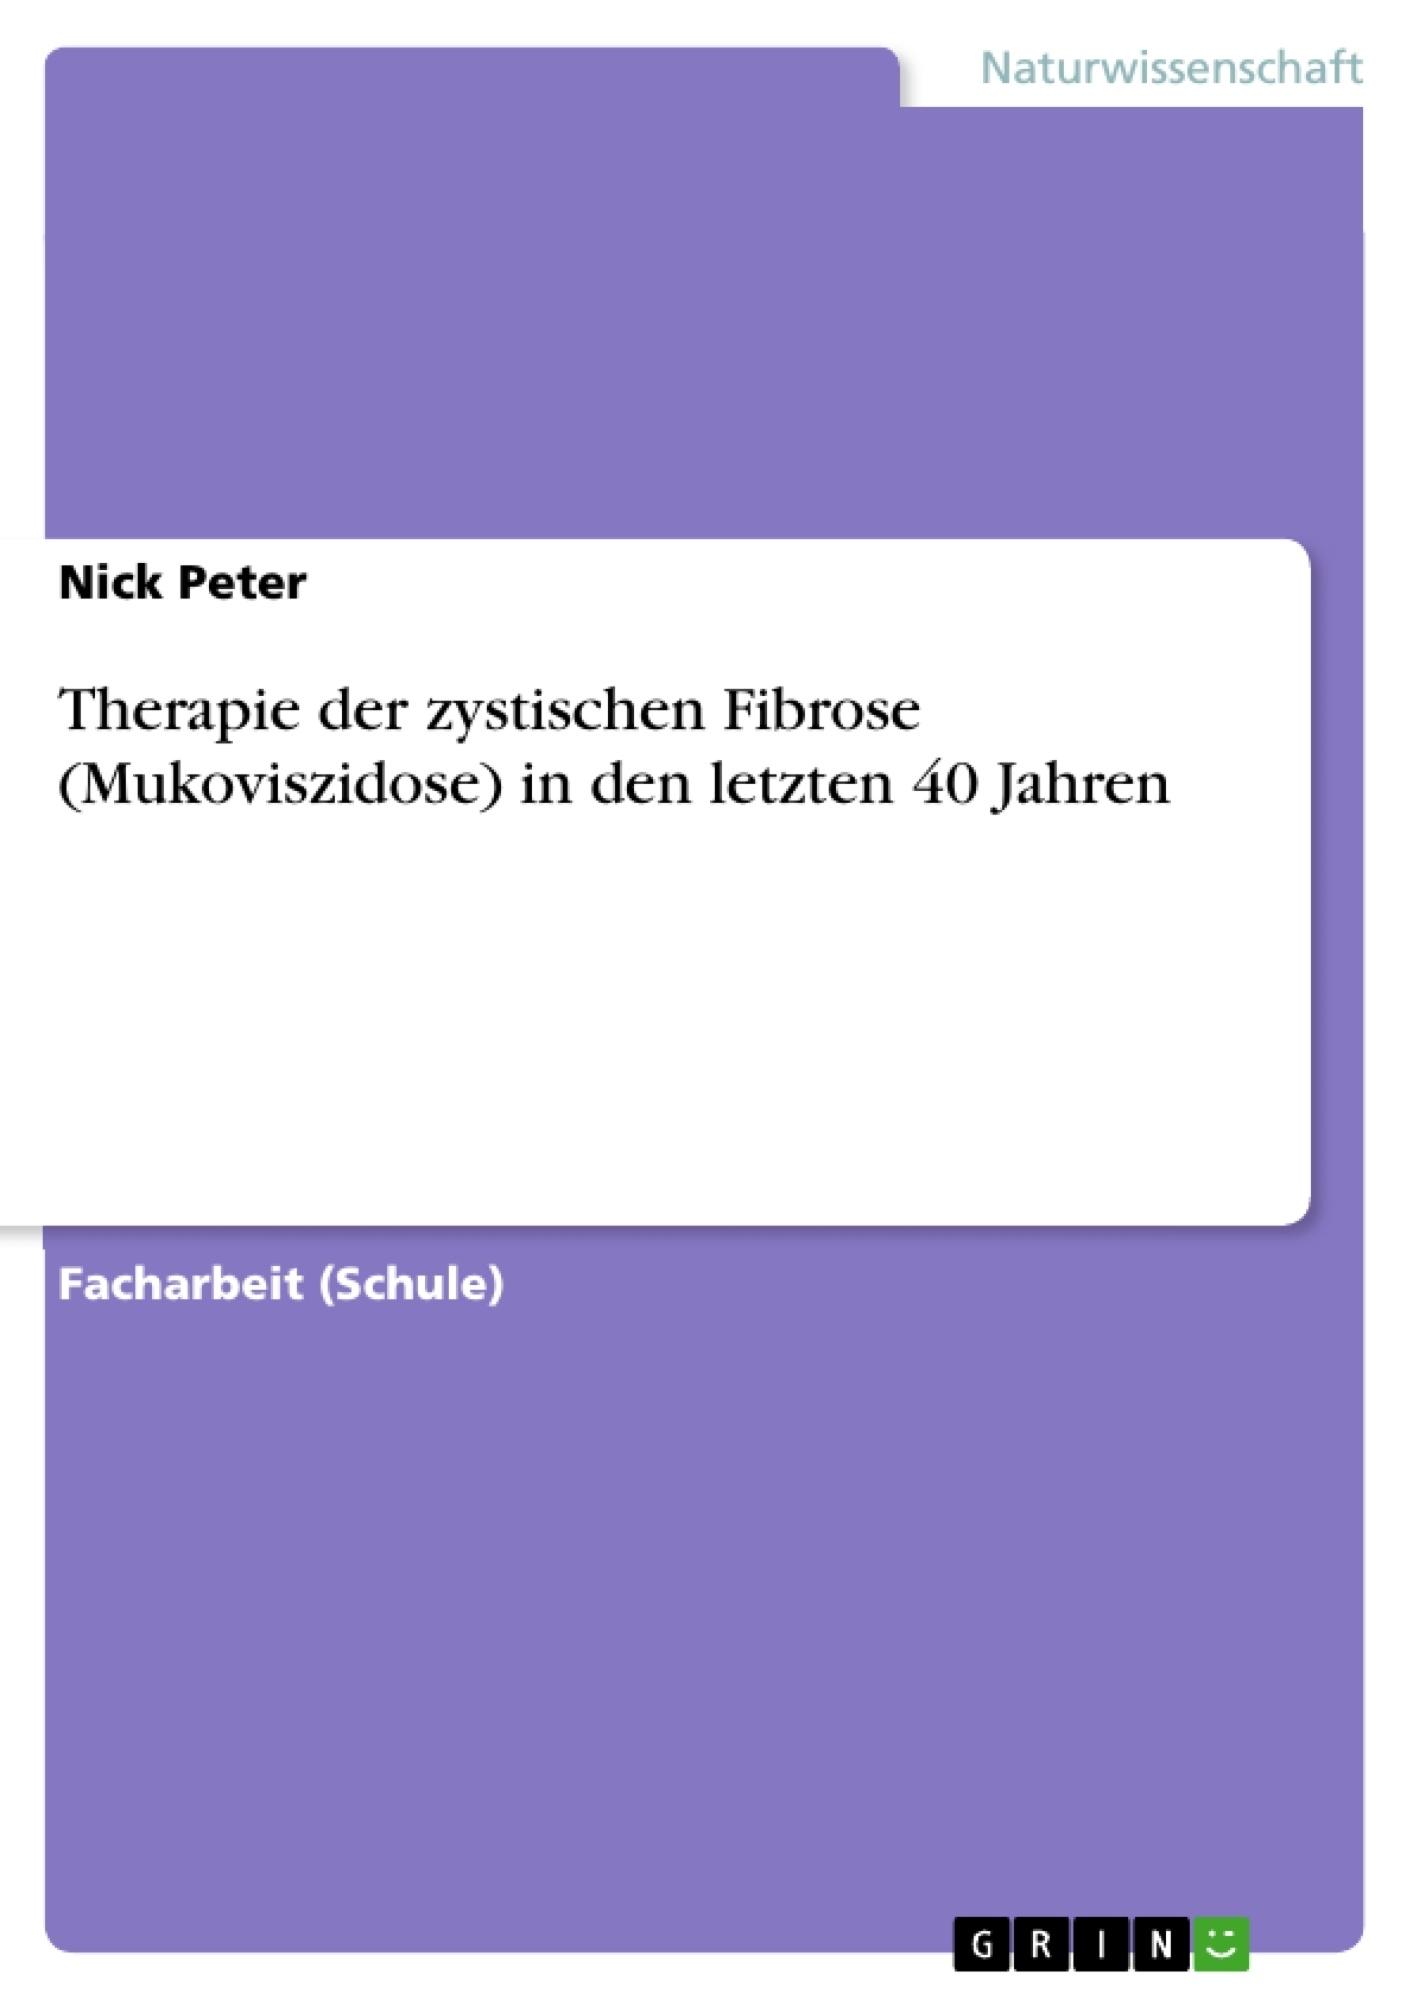 Titel: Therapie der zystischen Fibrose (Mukoviszidose) in den letzten 40 Jahren